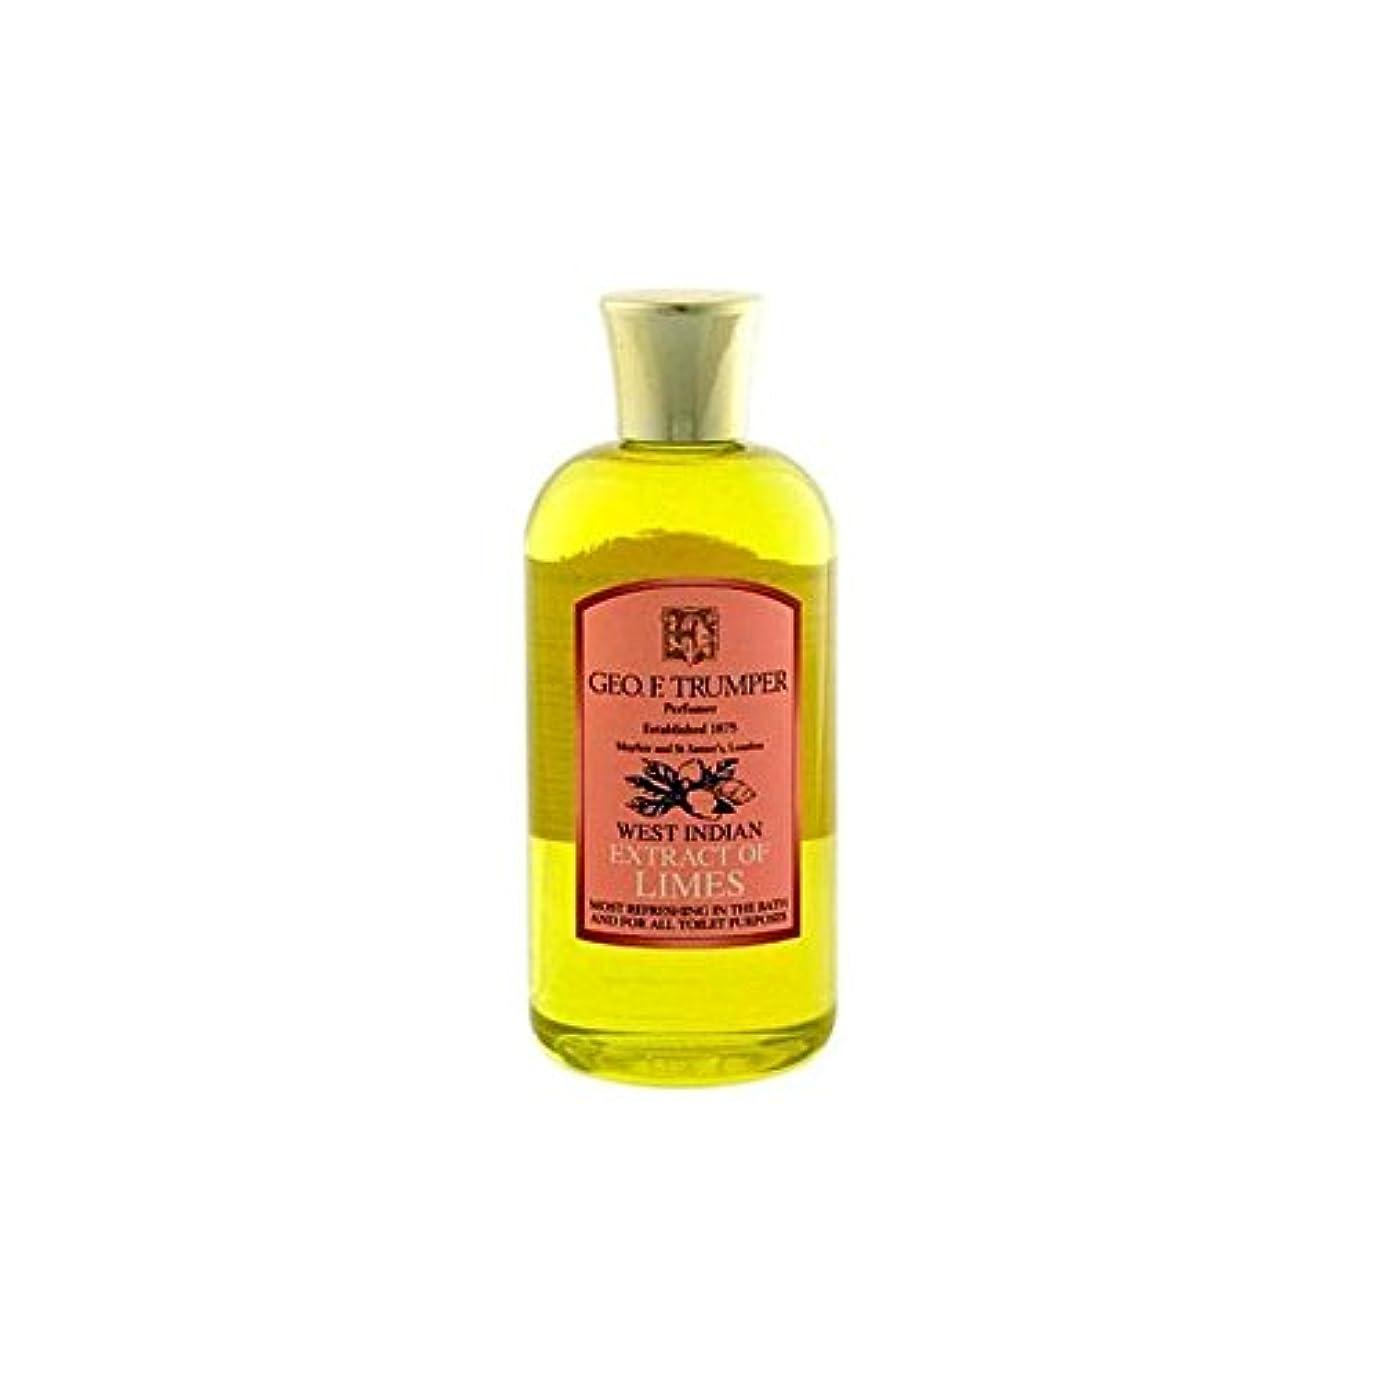 処方マイルド満たすライムのバスタブとシャワージェル200の抽出物を x2 - Trumpers Extracts of Limes Bath and Shower Gel 200ml (Pack of 2) [並行輸入品]